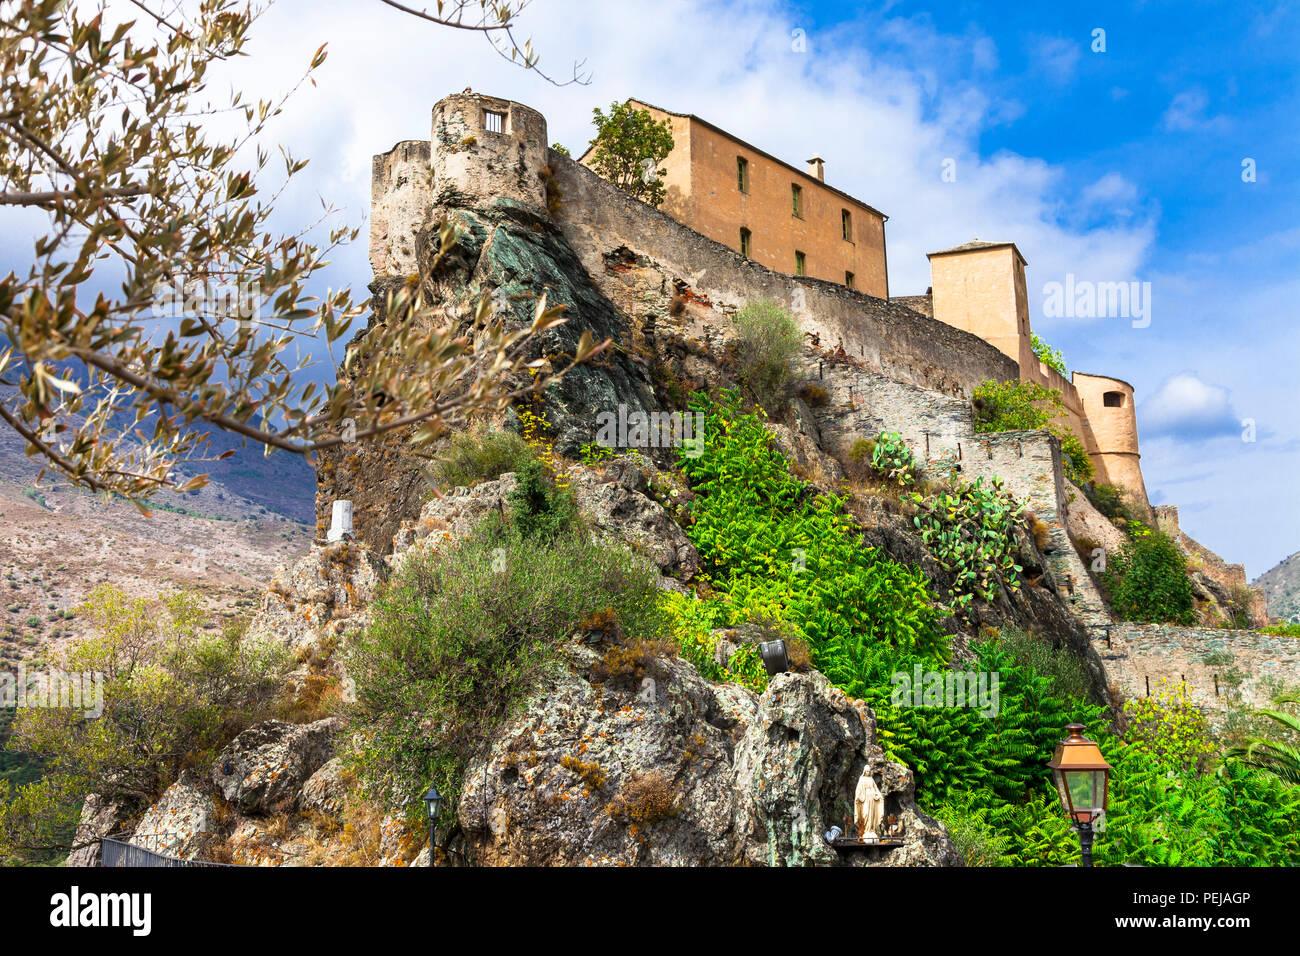 Impressionnante forteresse à Corte village,Corse,France. Banque D'Images